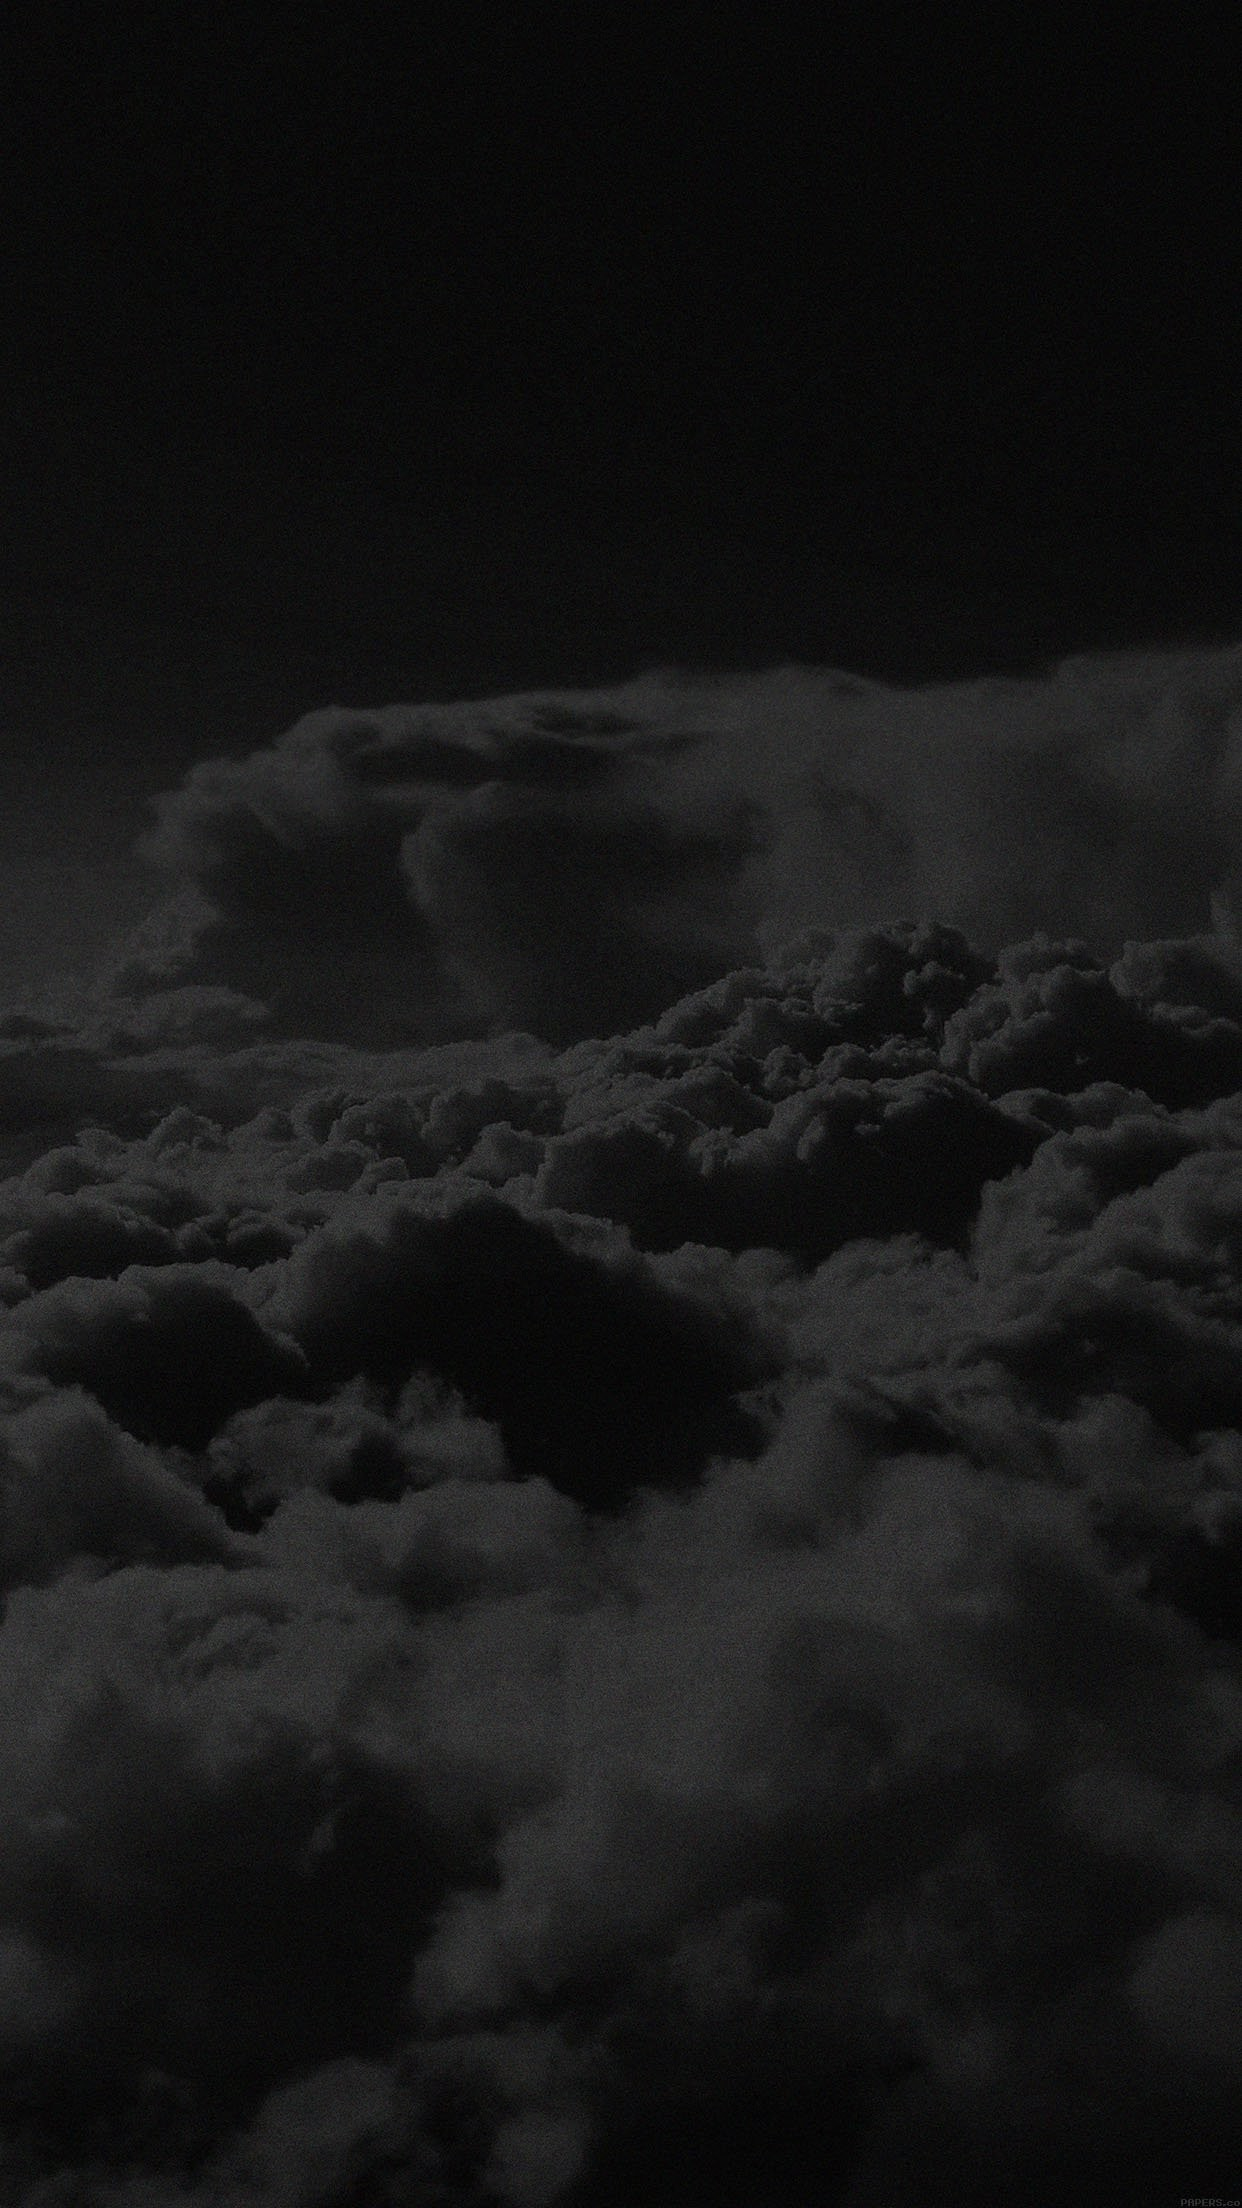 Dark Cloud Wallpaper 64 Images